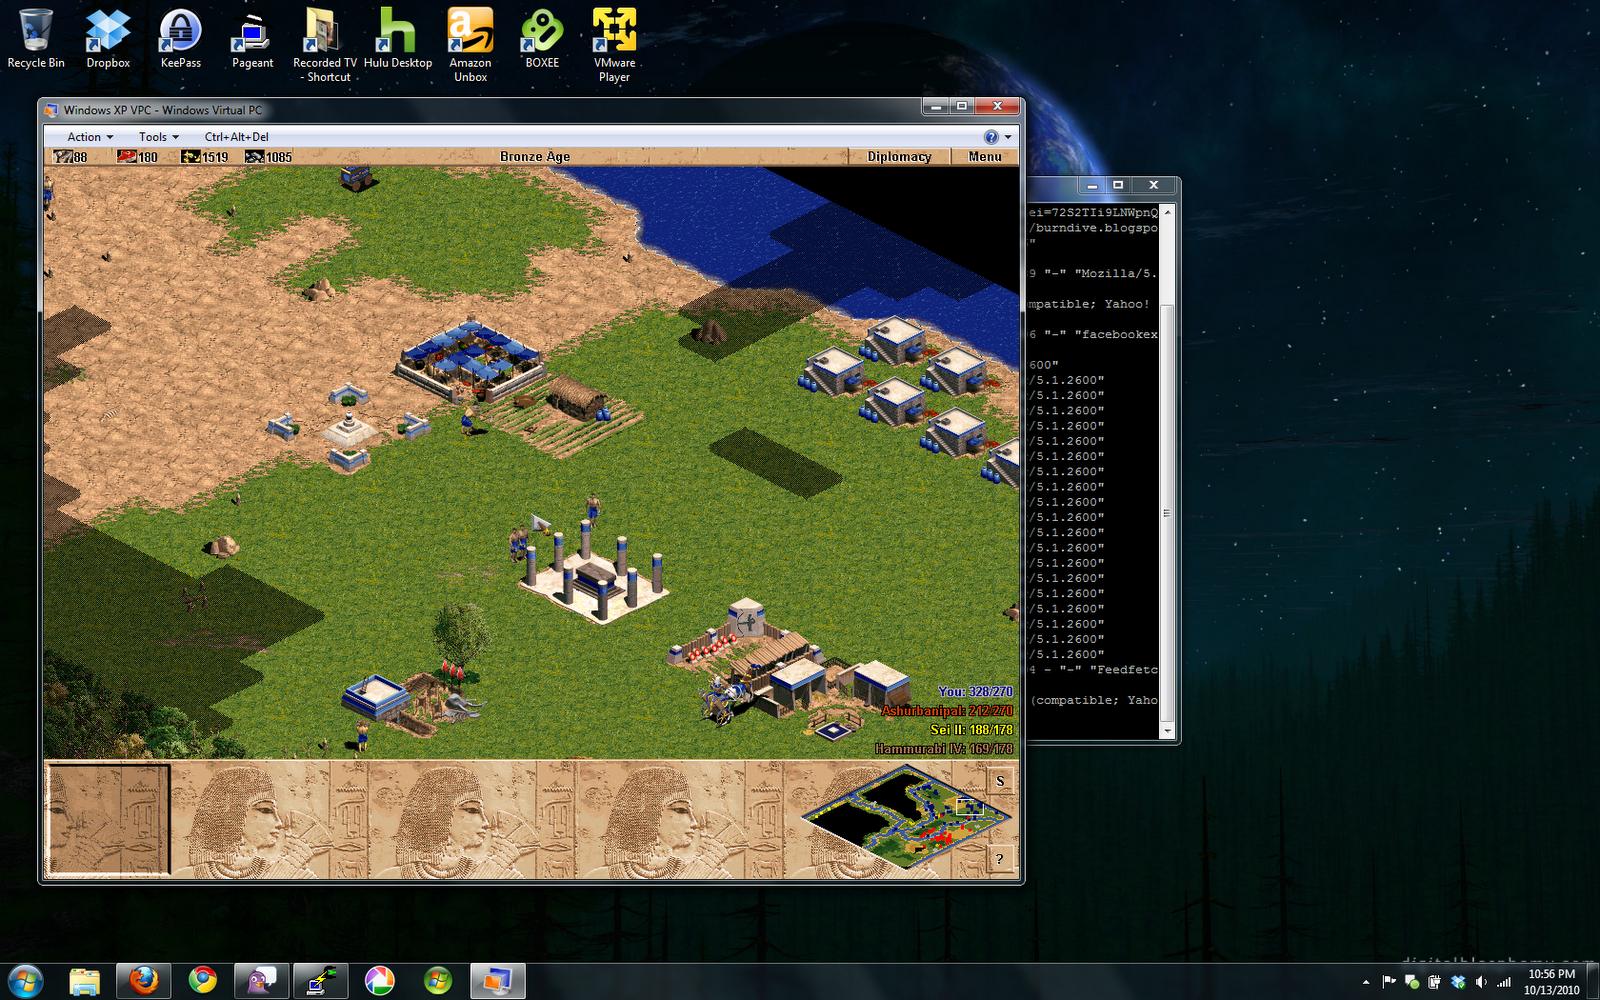 Dünyanın en iyi strateji oyunları arasında yer alan Age of Empires II'yi, Windows 8 64 Bit'te çalıştırın. Age of Empires II şüphesiz herkesin çocukluğunda bir defa oynadığı bir oyun. 24 Ağustos 2000 yılında raflardaki yerini alan bu oyundan sonra Microsoft çok sayıda işletim sistemi çıkardı.